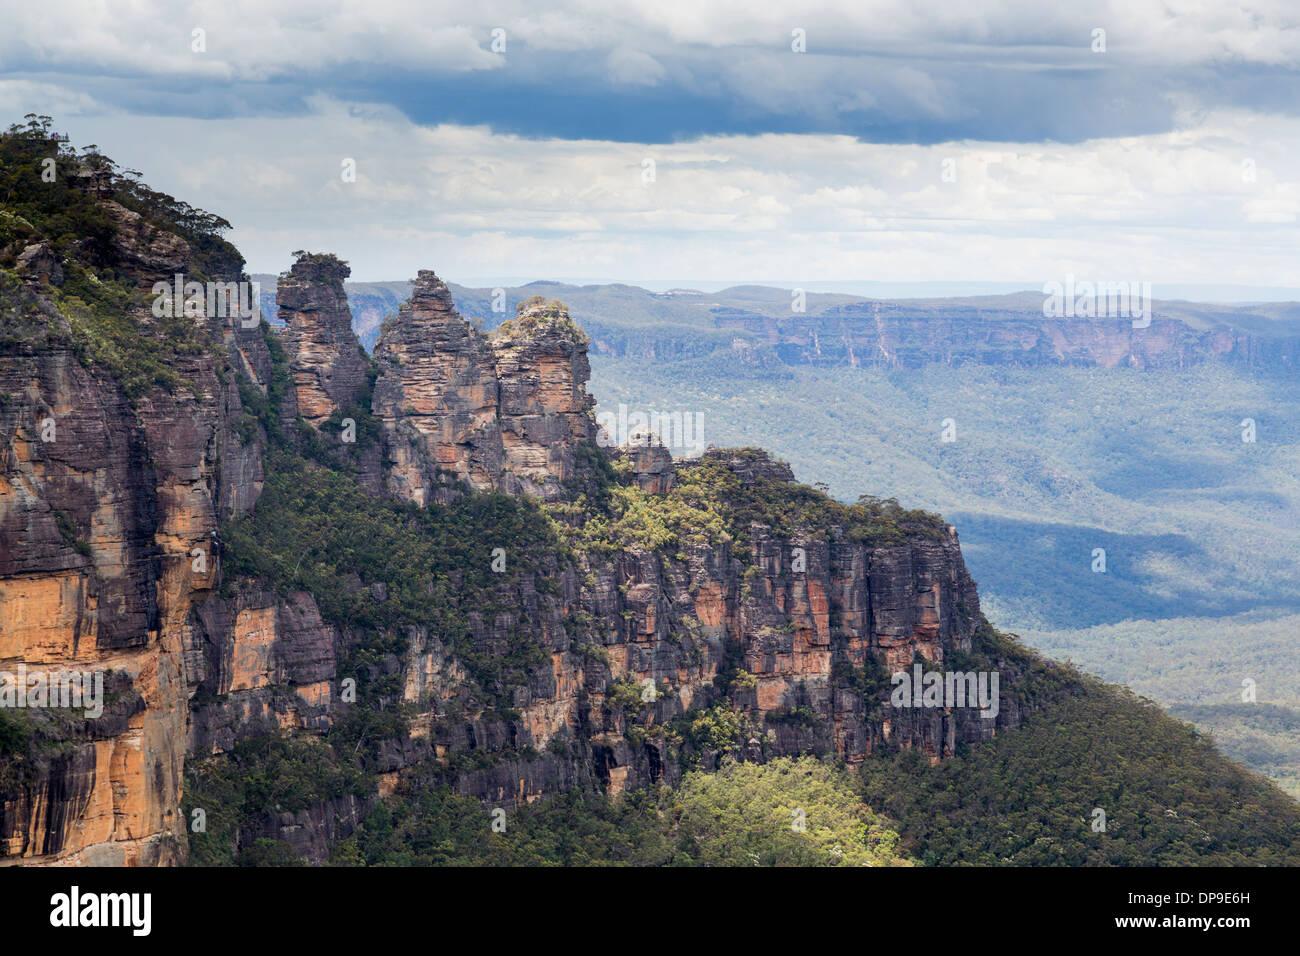 La formación rocosa Three Sisters vistas al acantilado desde el Mirador, Parque Nacional de las Montañas Azules, Nueva Gales del Sur, Australia Imagen De Stock